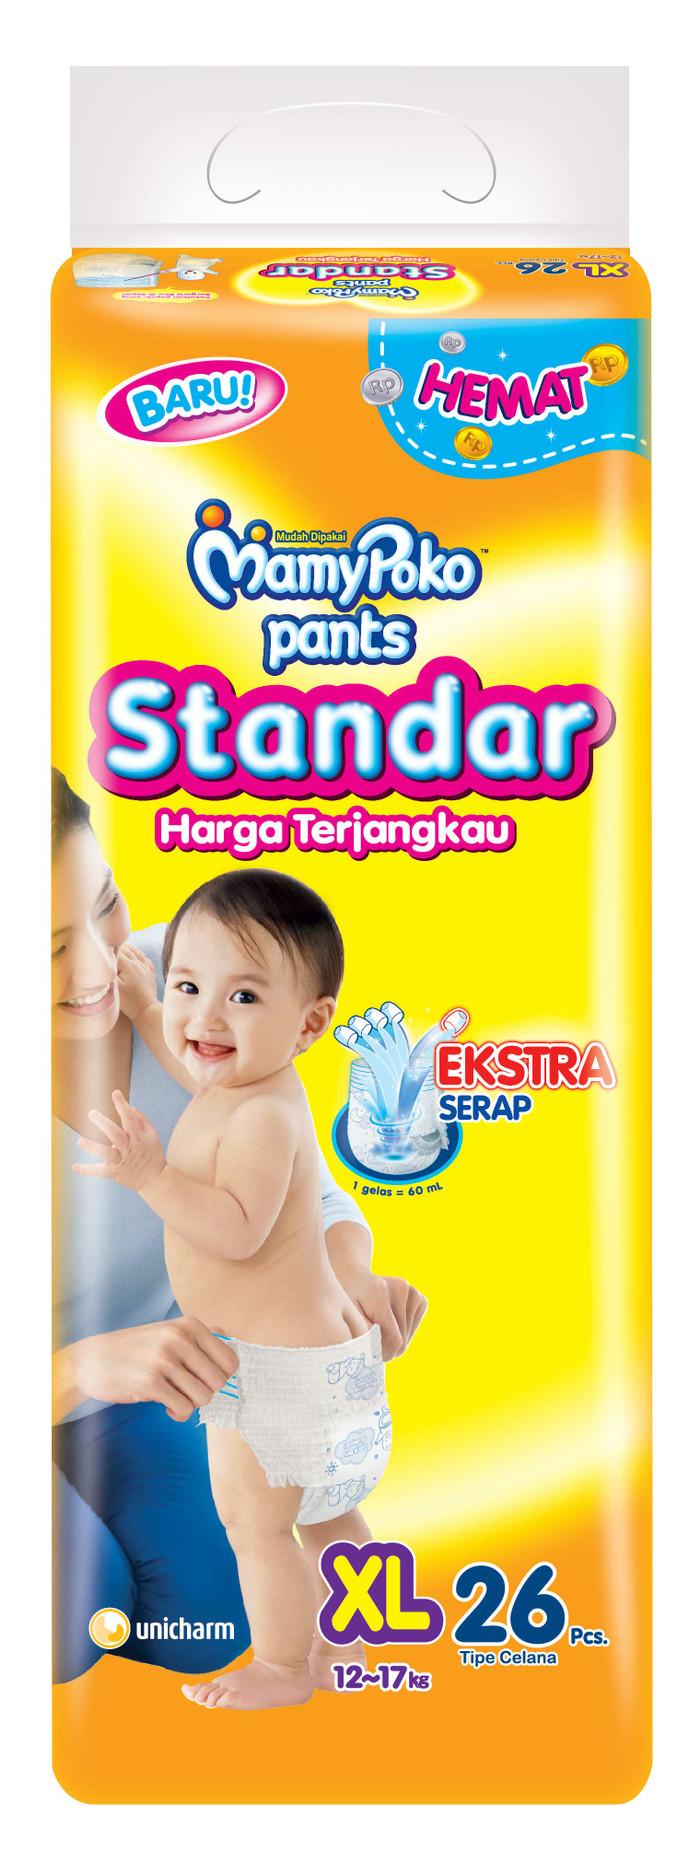 harga Mamy poko pants standar xl26 Tokopedia.com